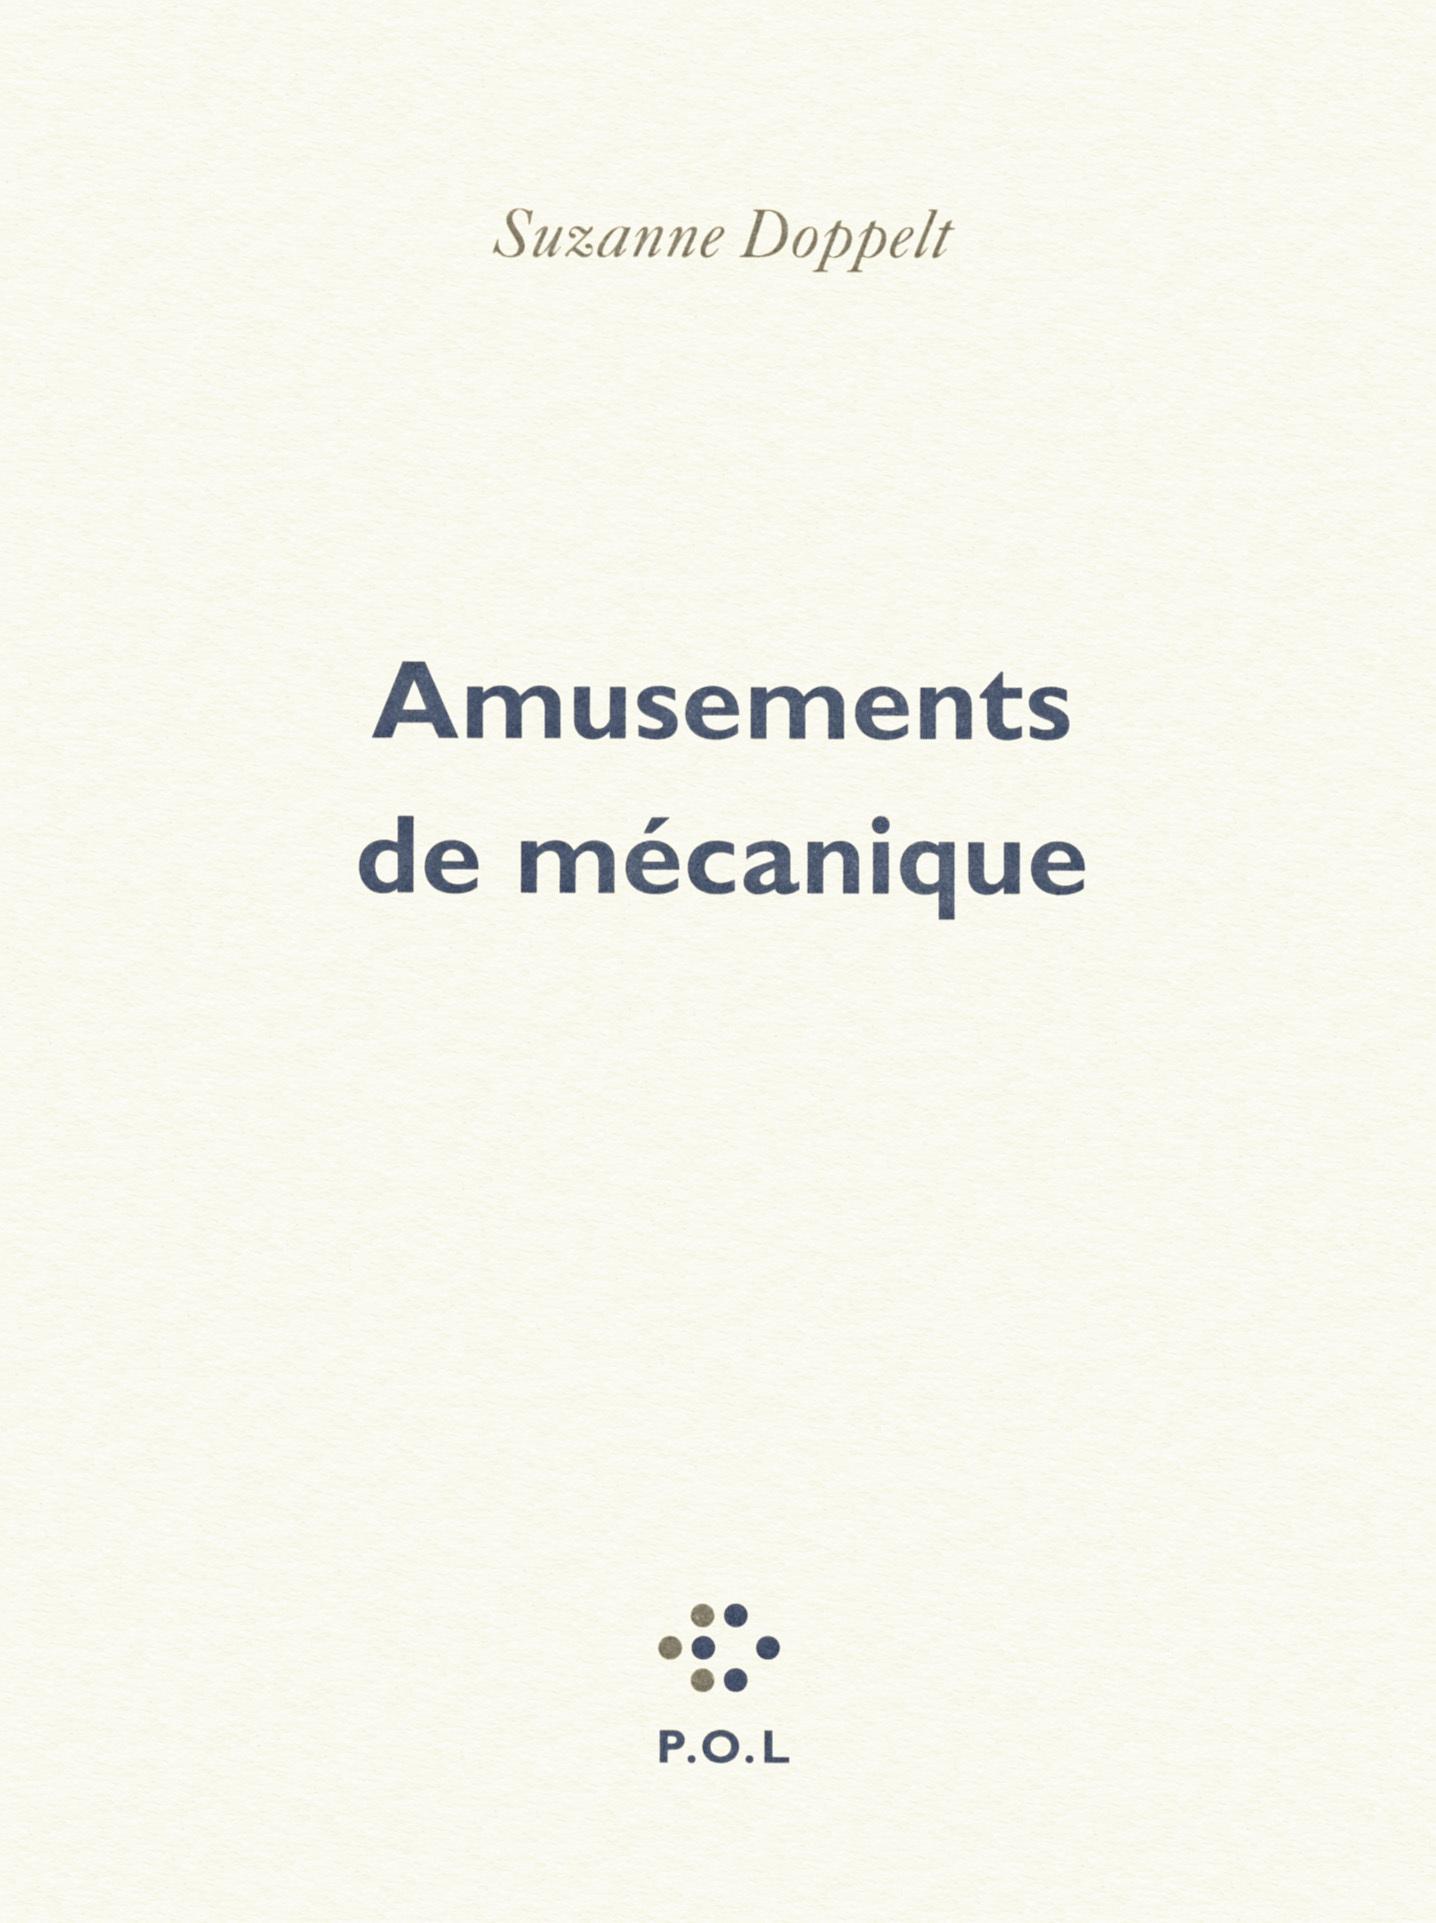 AMUSEMENTS DE MECANIQUE